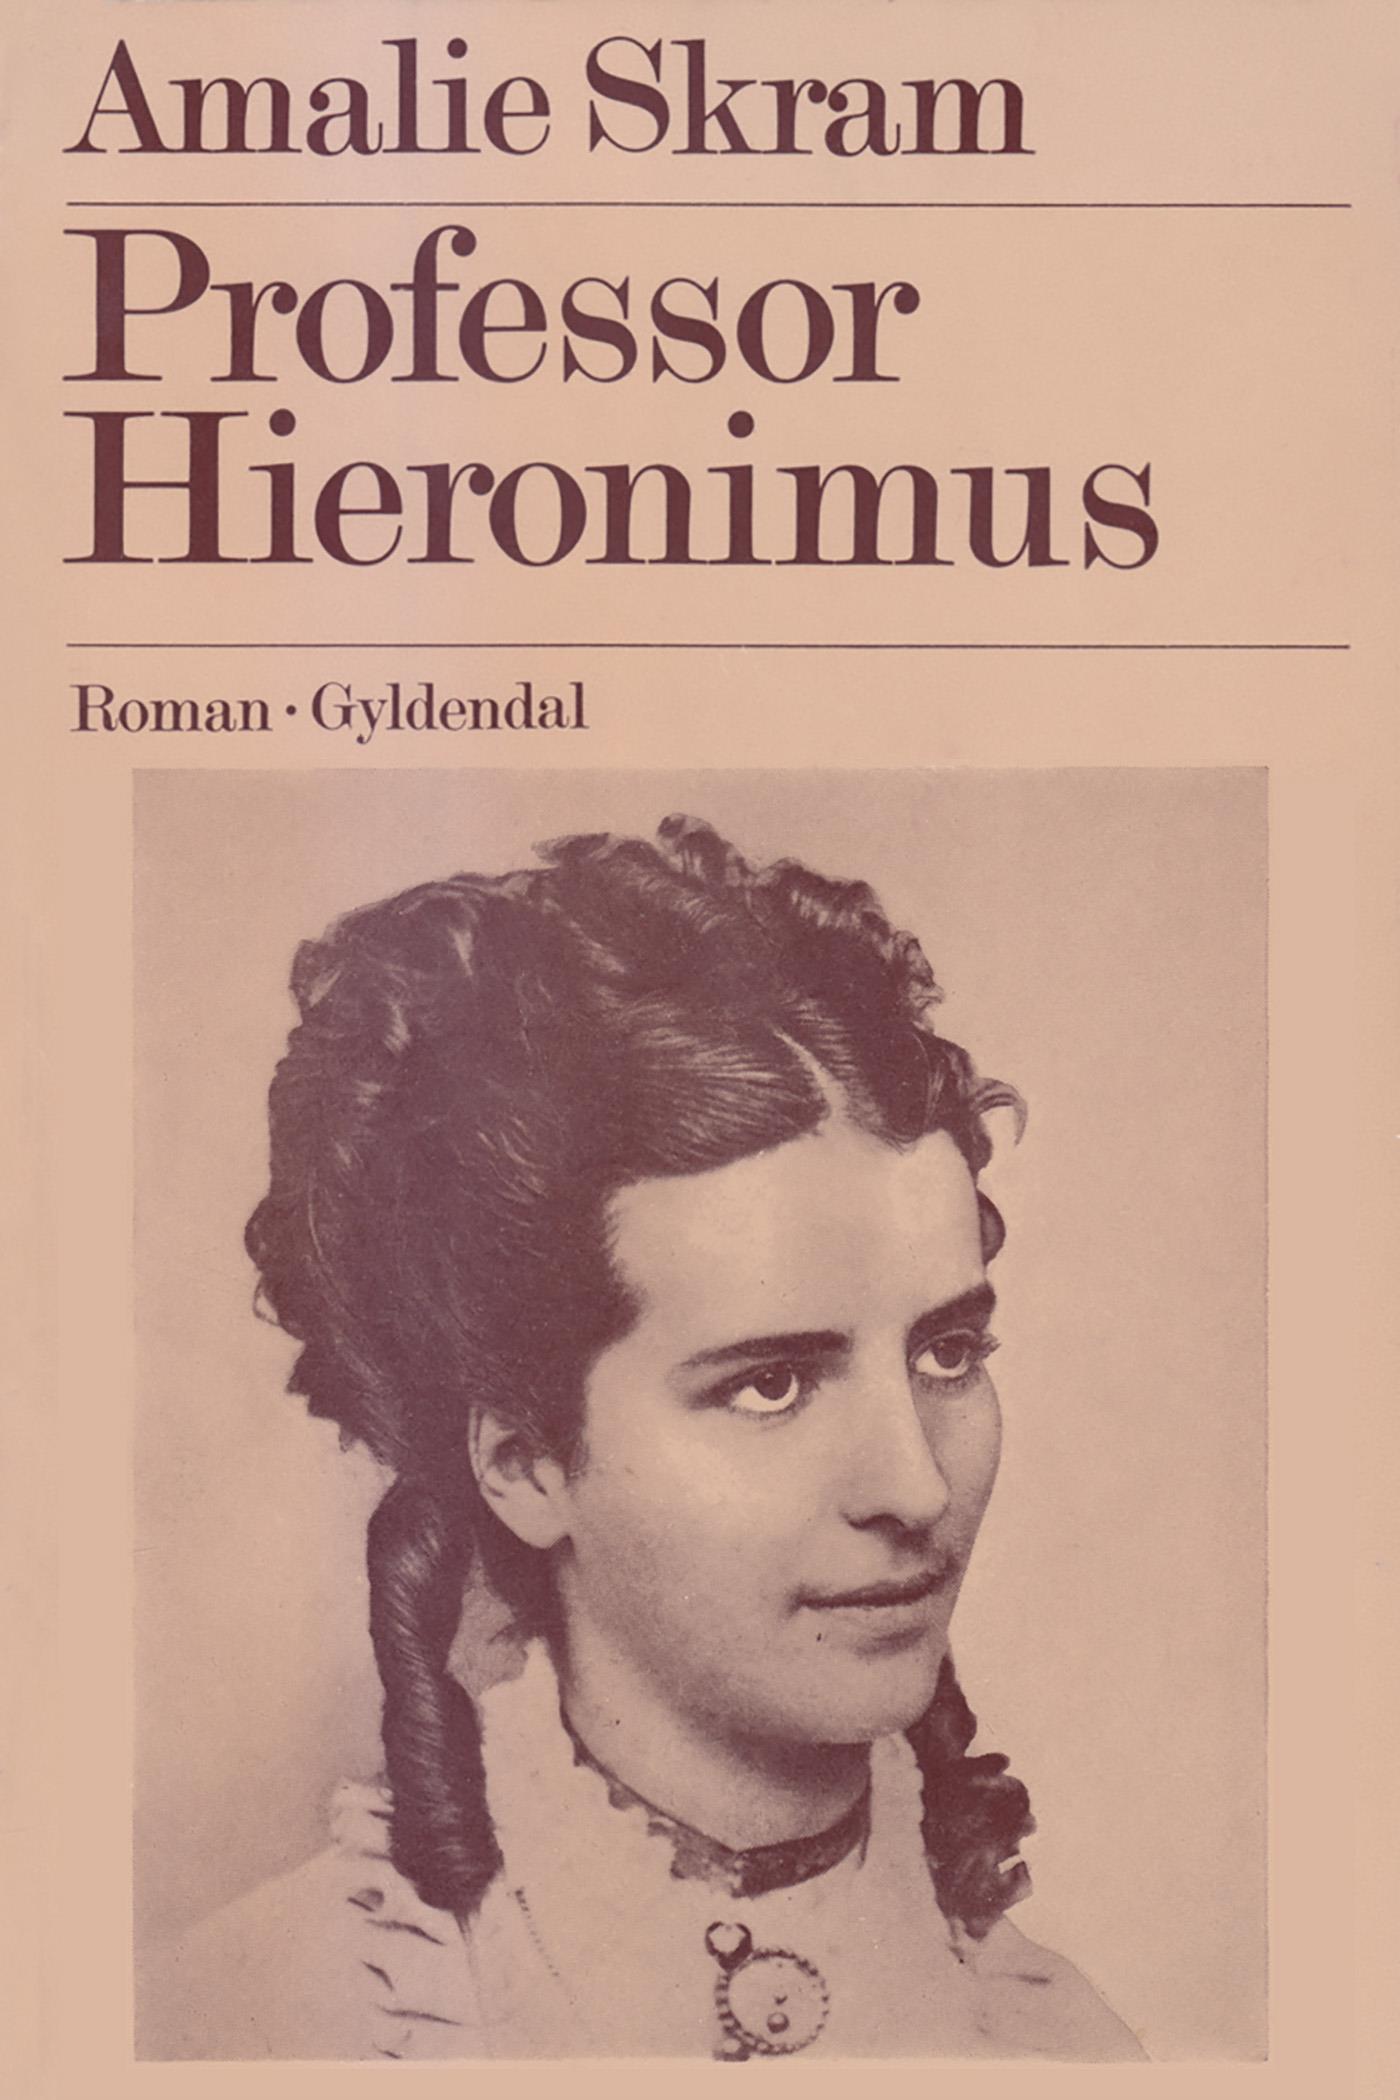 Professor hieronimus - e-bog fra N/A på bog & mystik